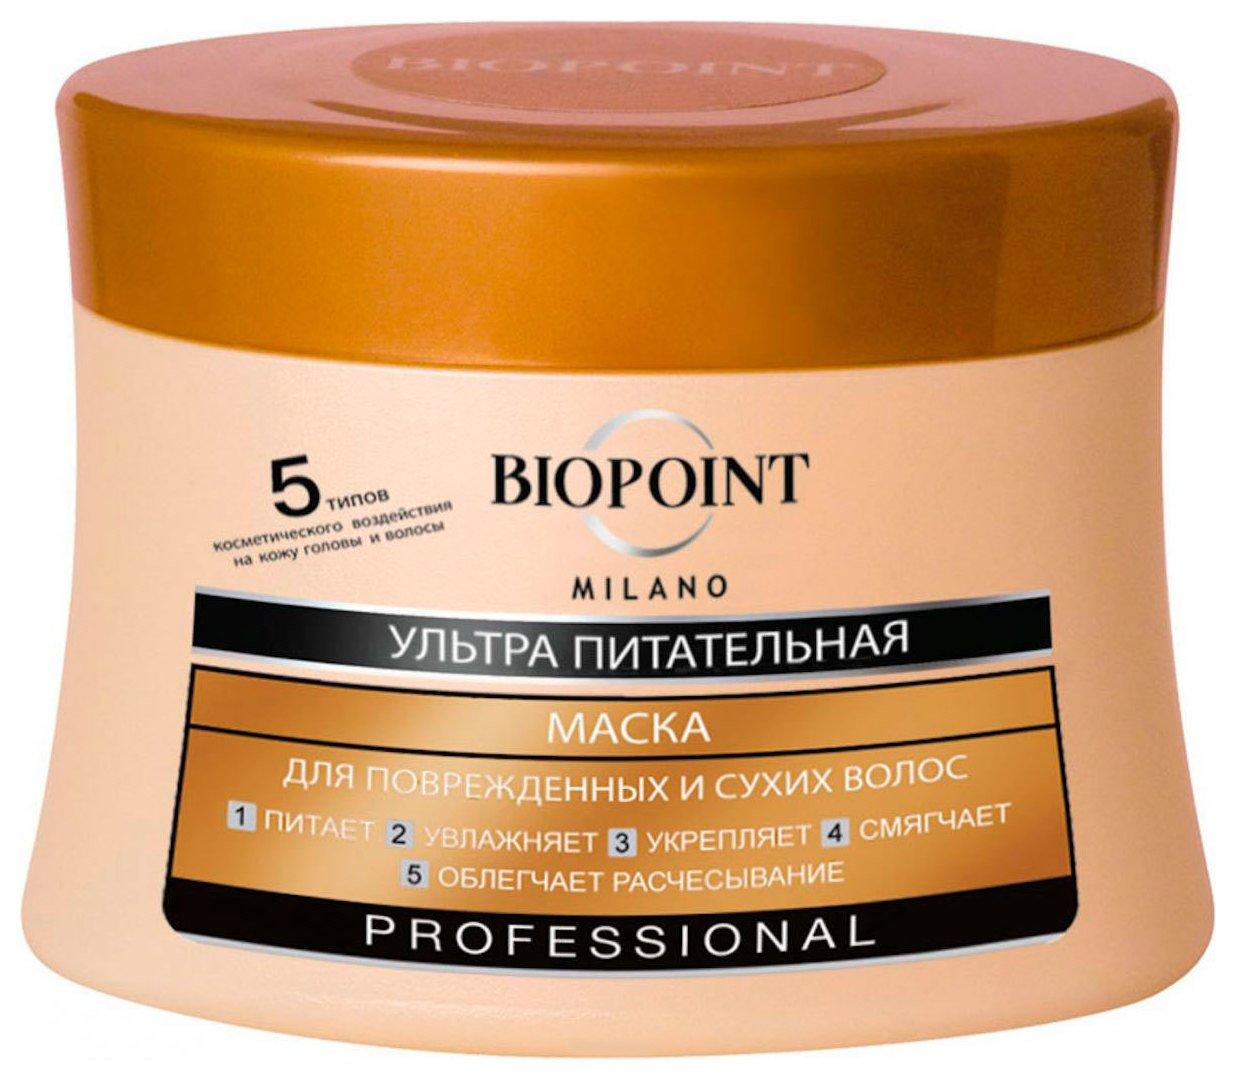 Маска «Ультра питательная» для поврежденных и сухих волос  Biopoint